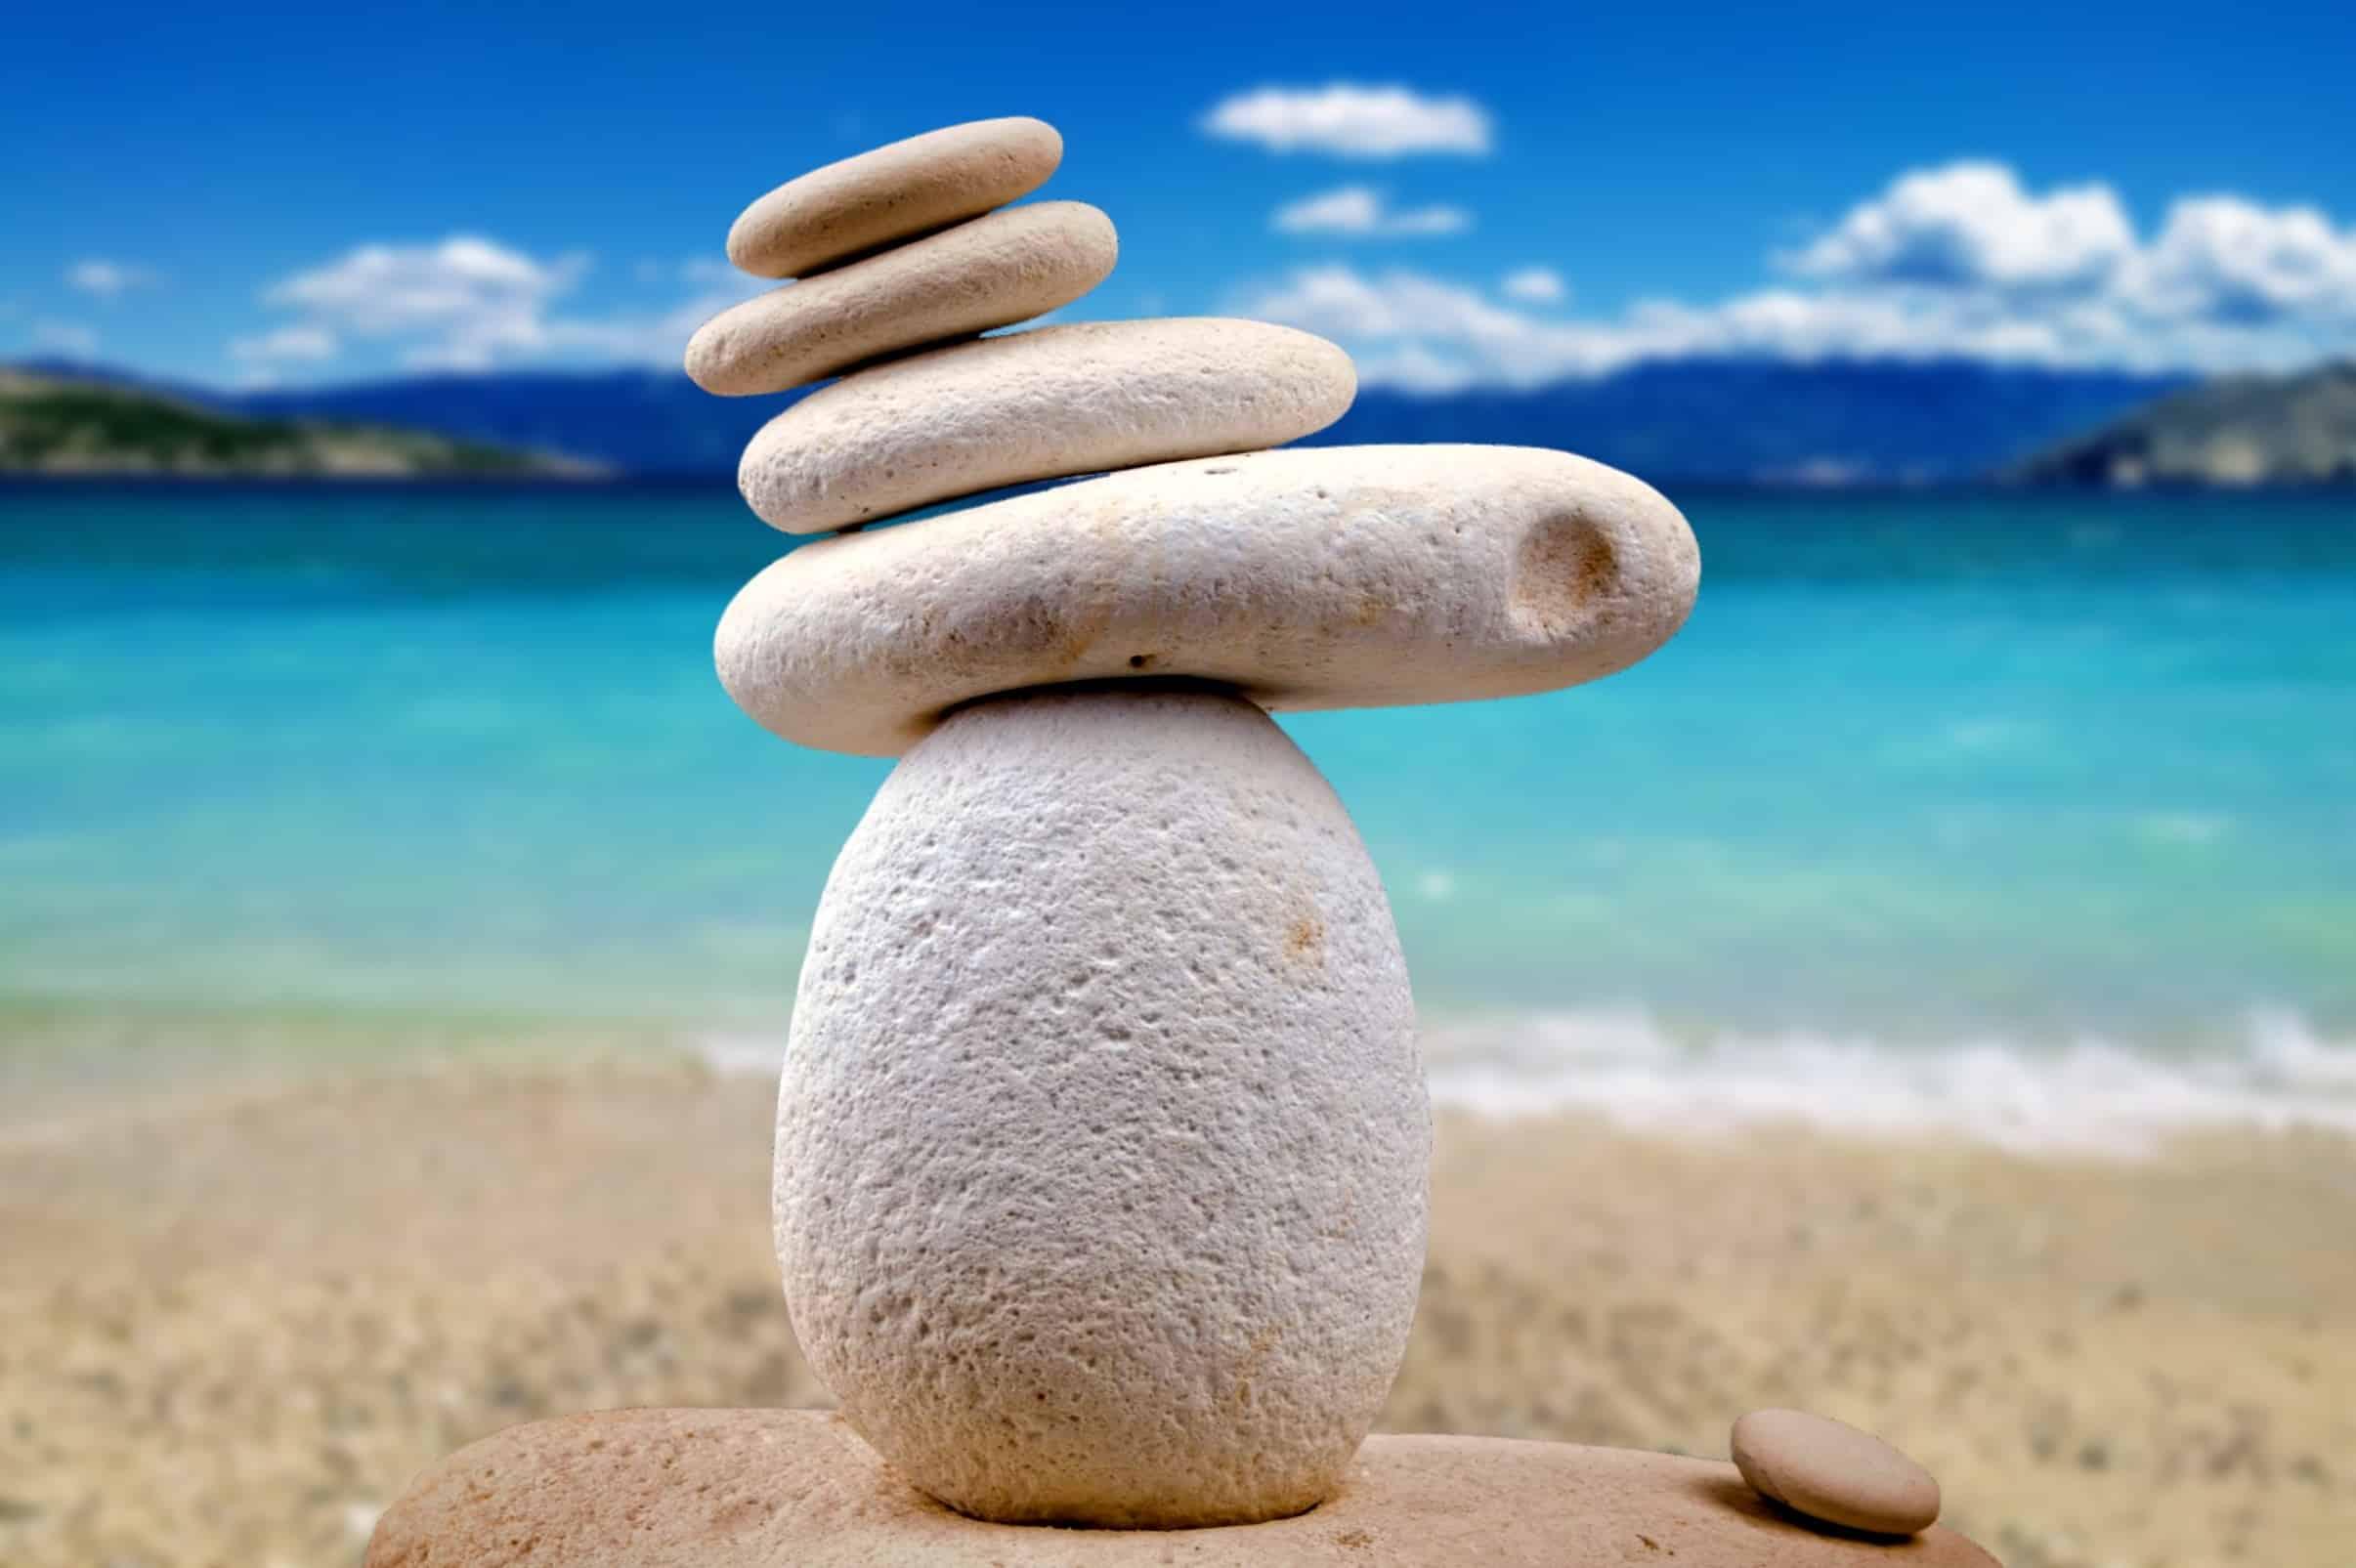 stapel stenen aan het water, overhellend naar links